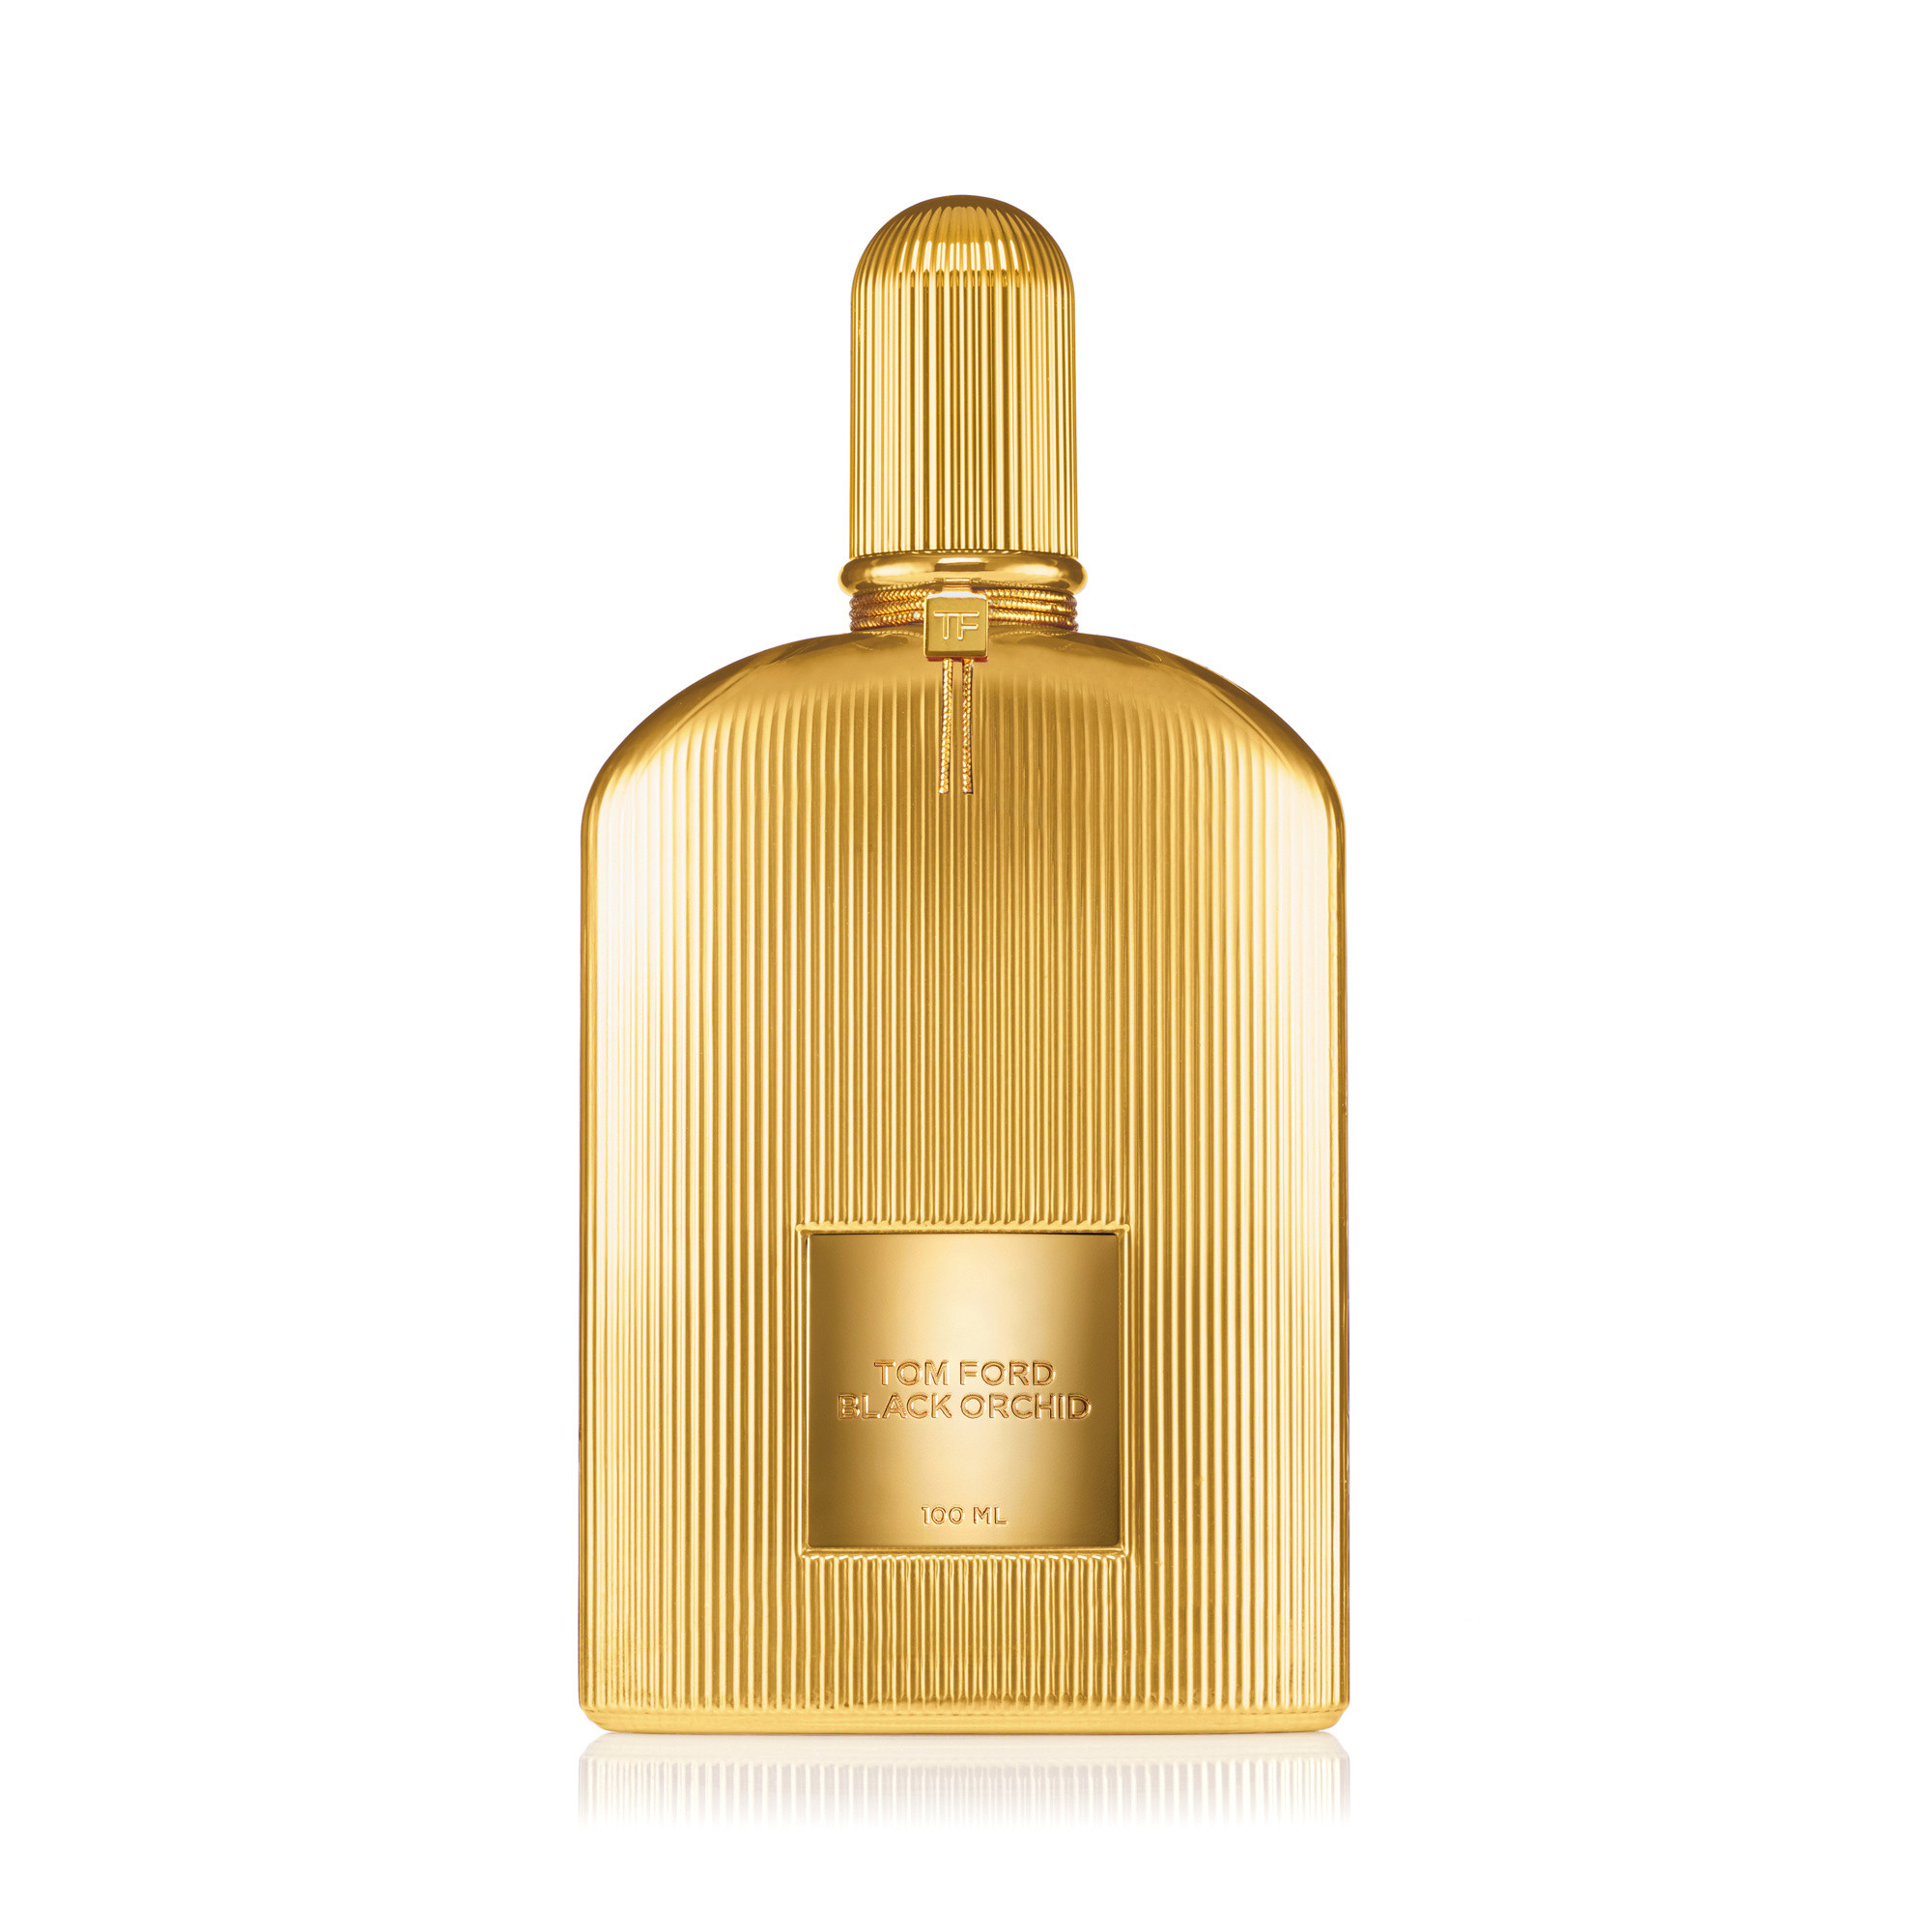 Tom Ford Black Orchid parfum 100 ml, Trasparente, large image number 0